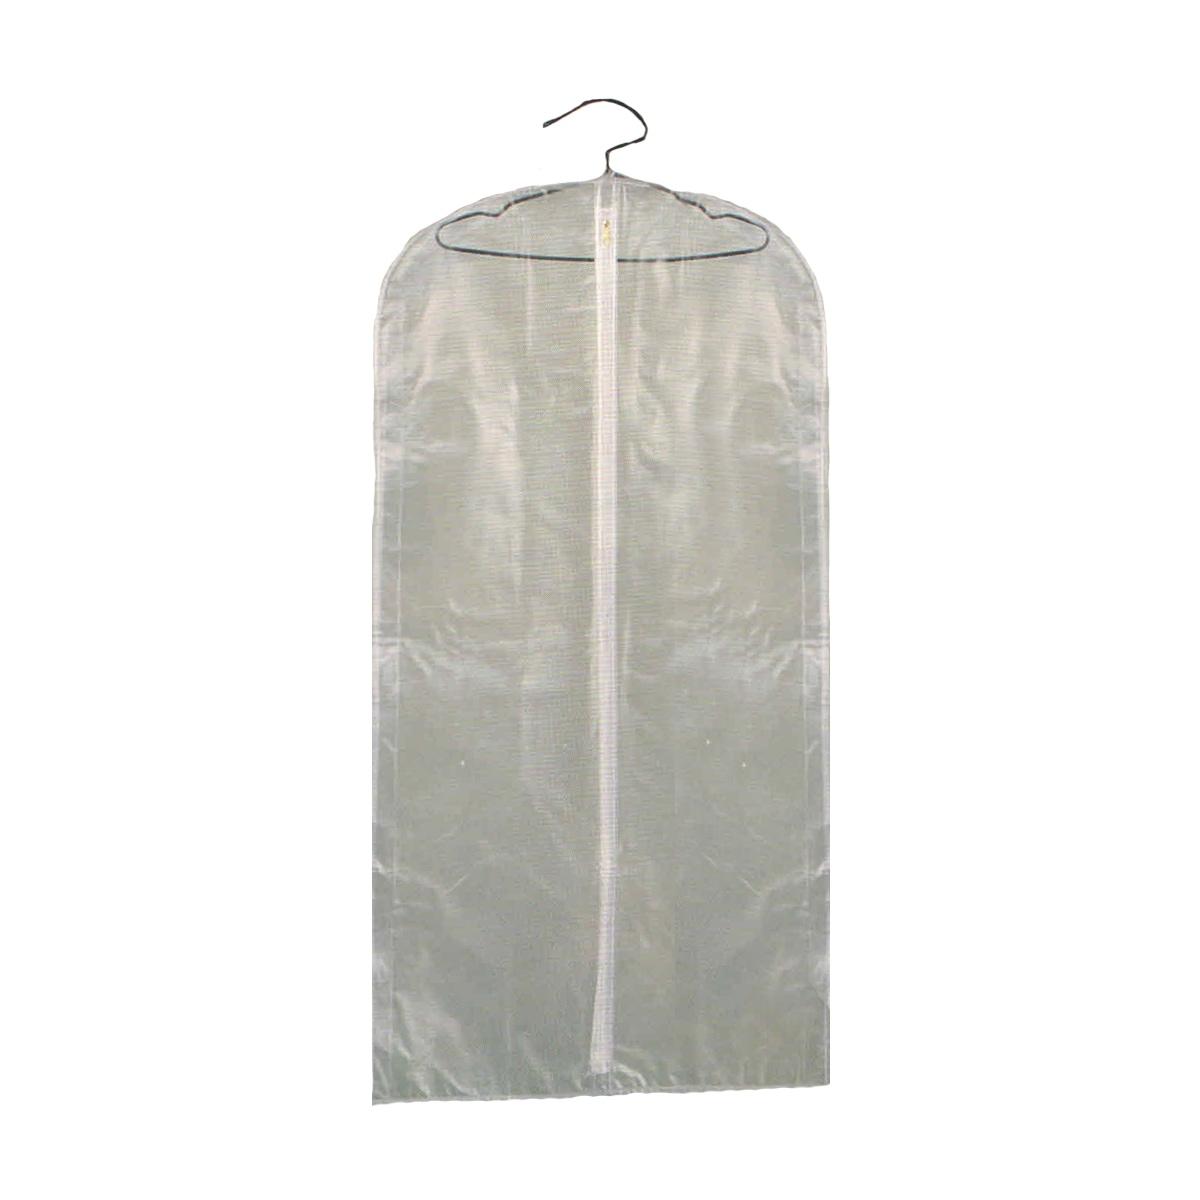 Goodhope Clear Garment Bag Free